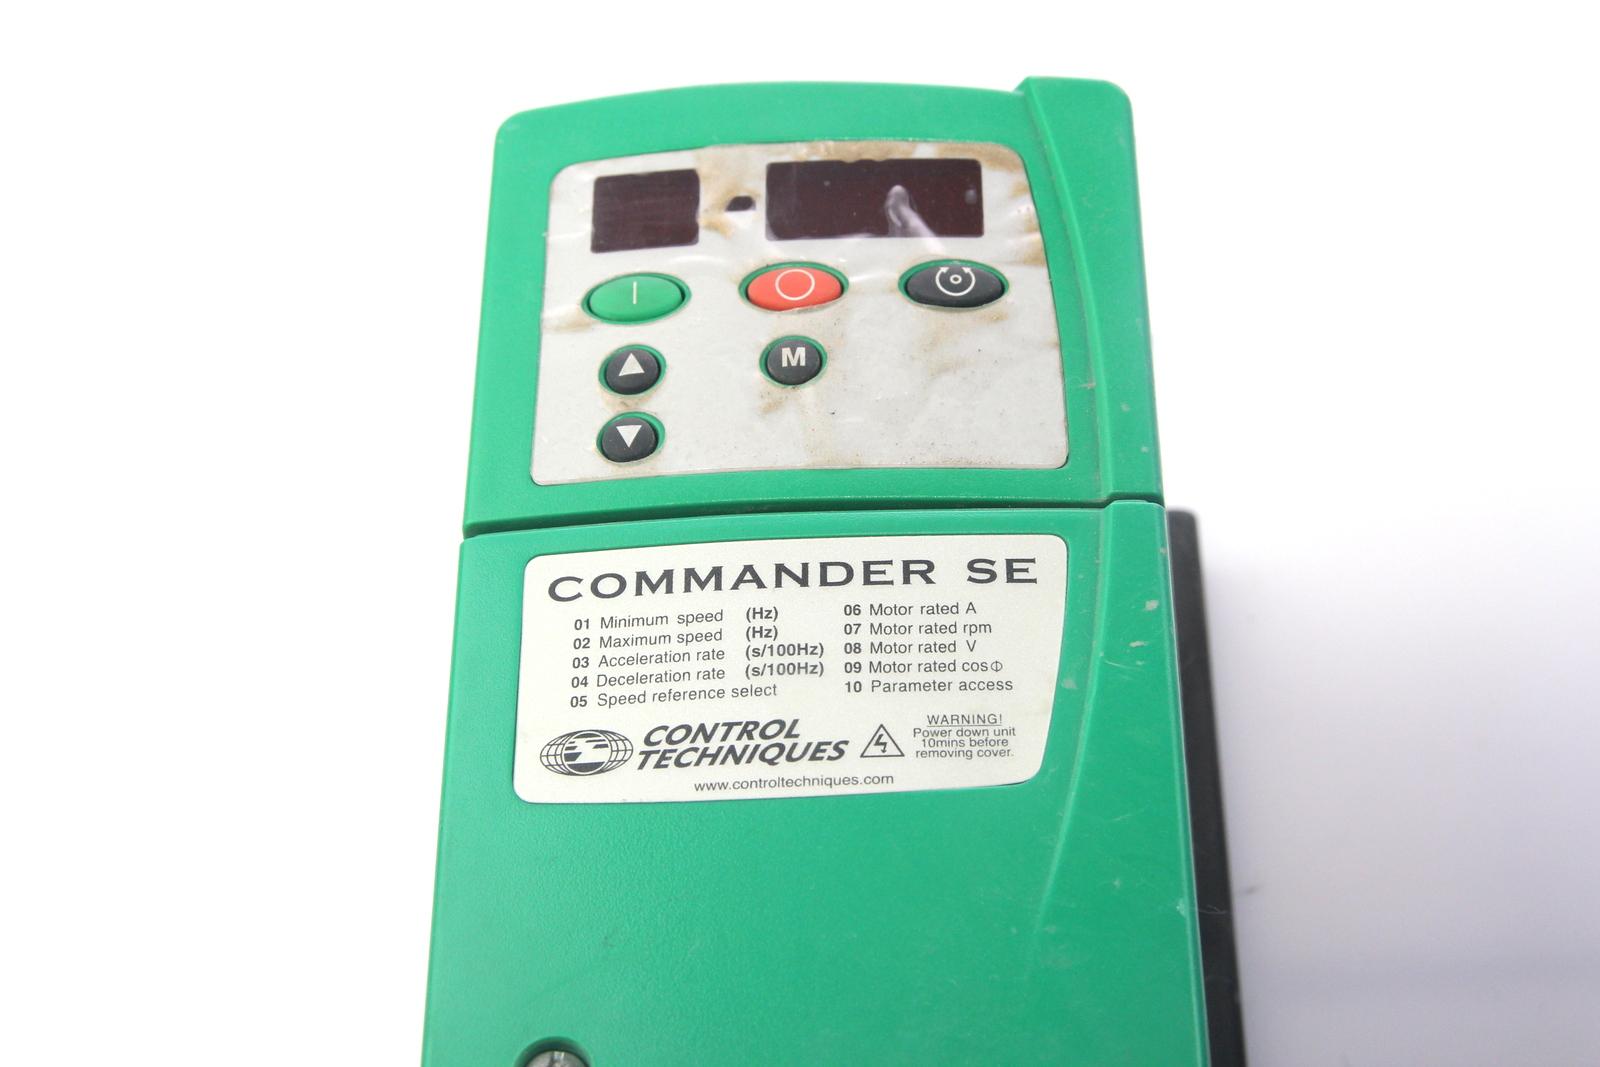 control techniques commander se manual